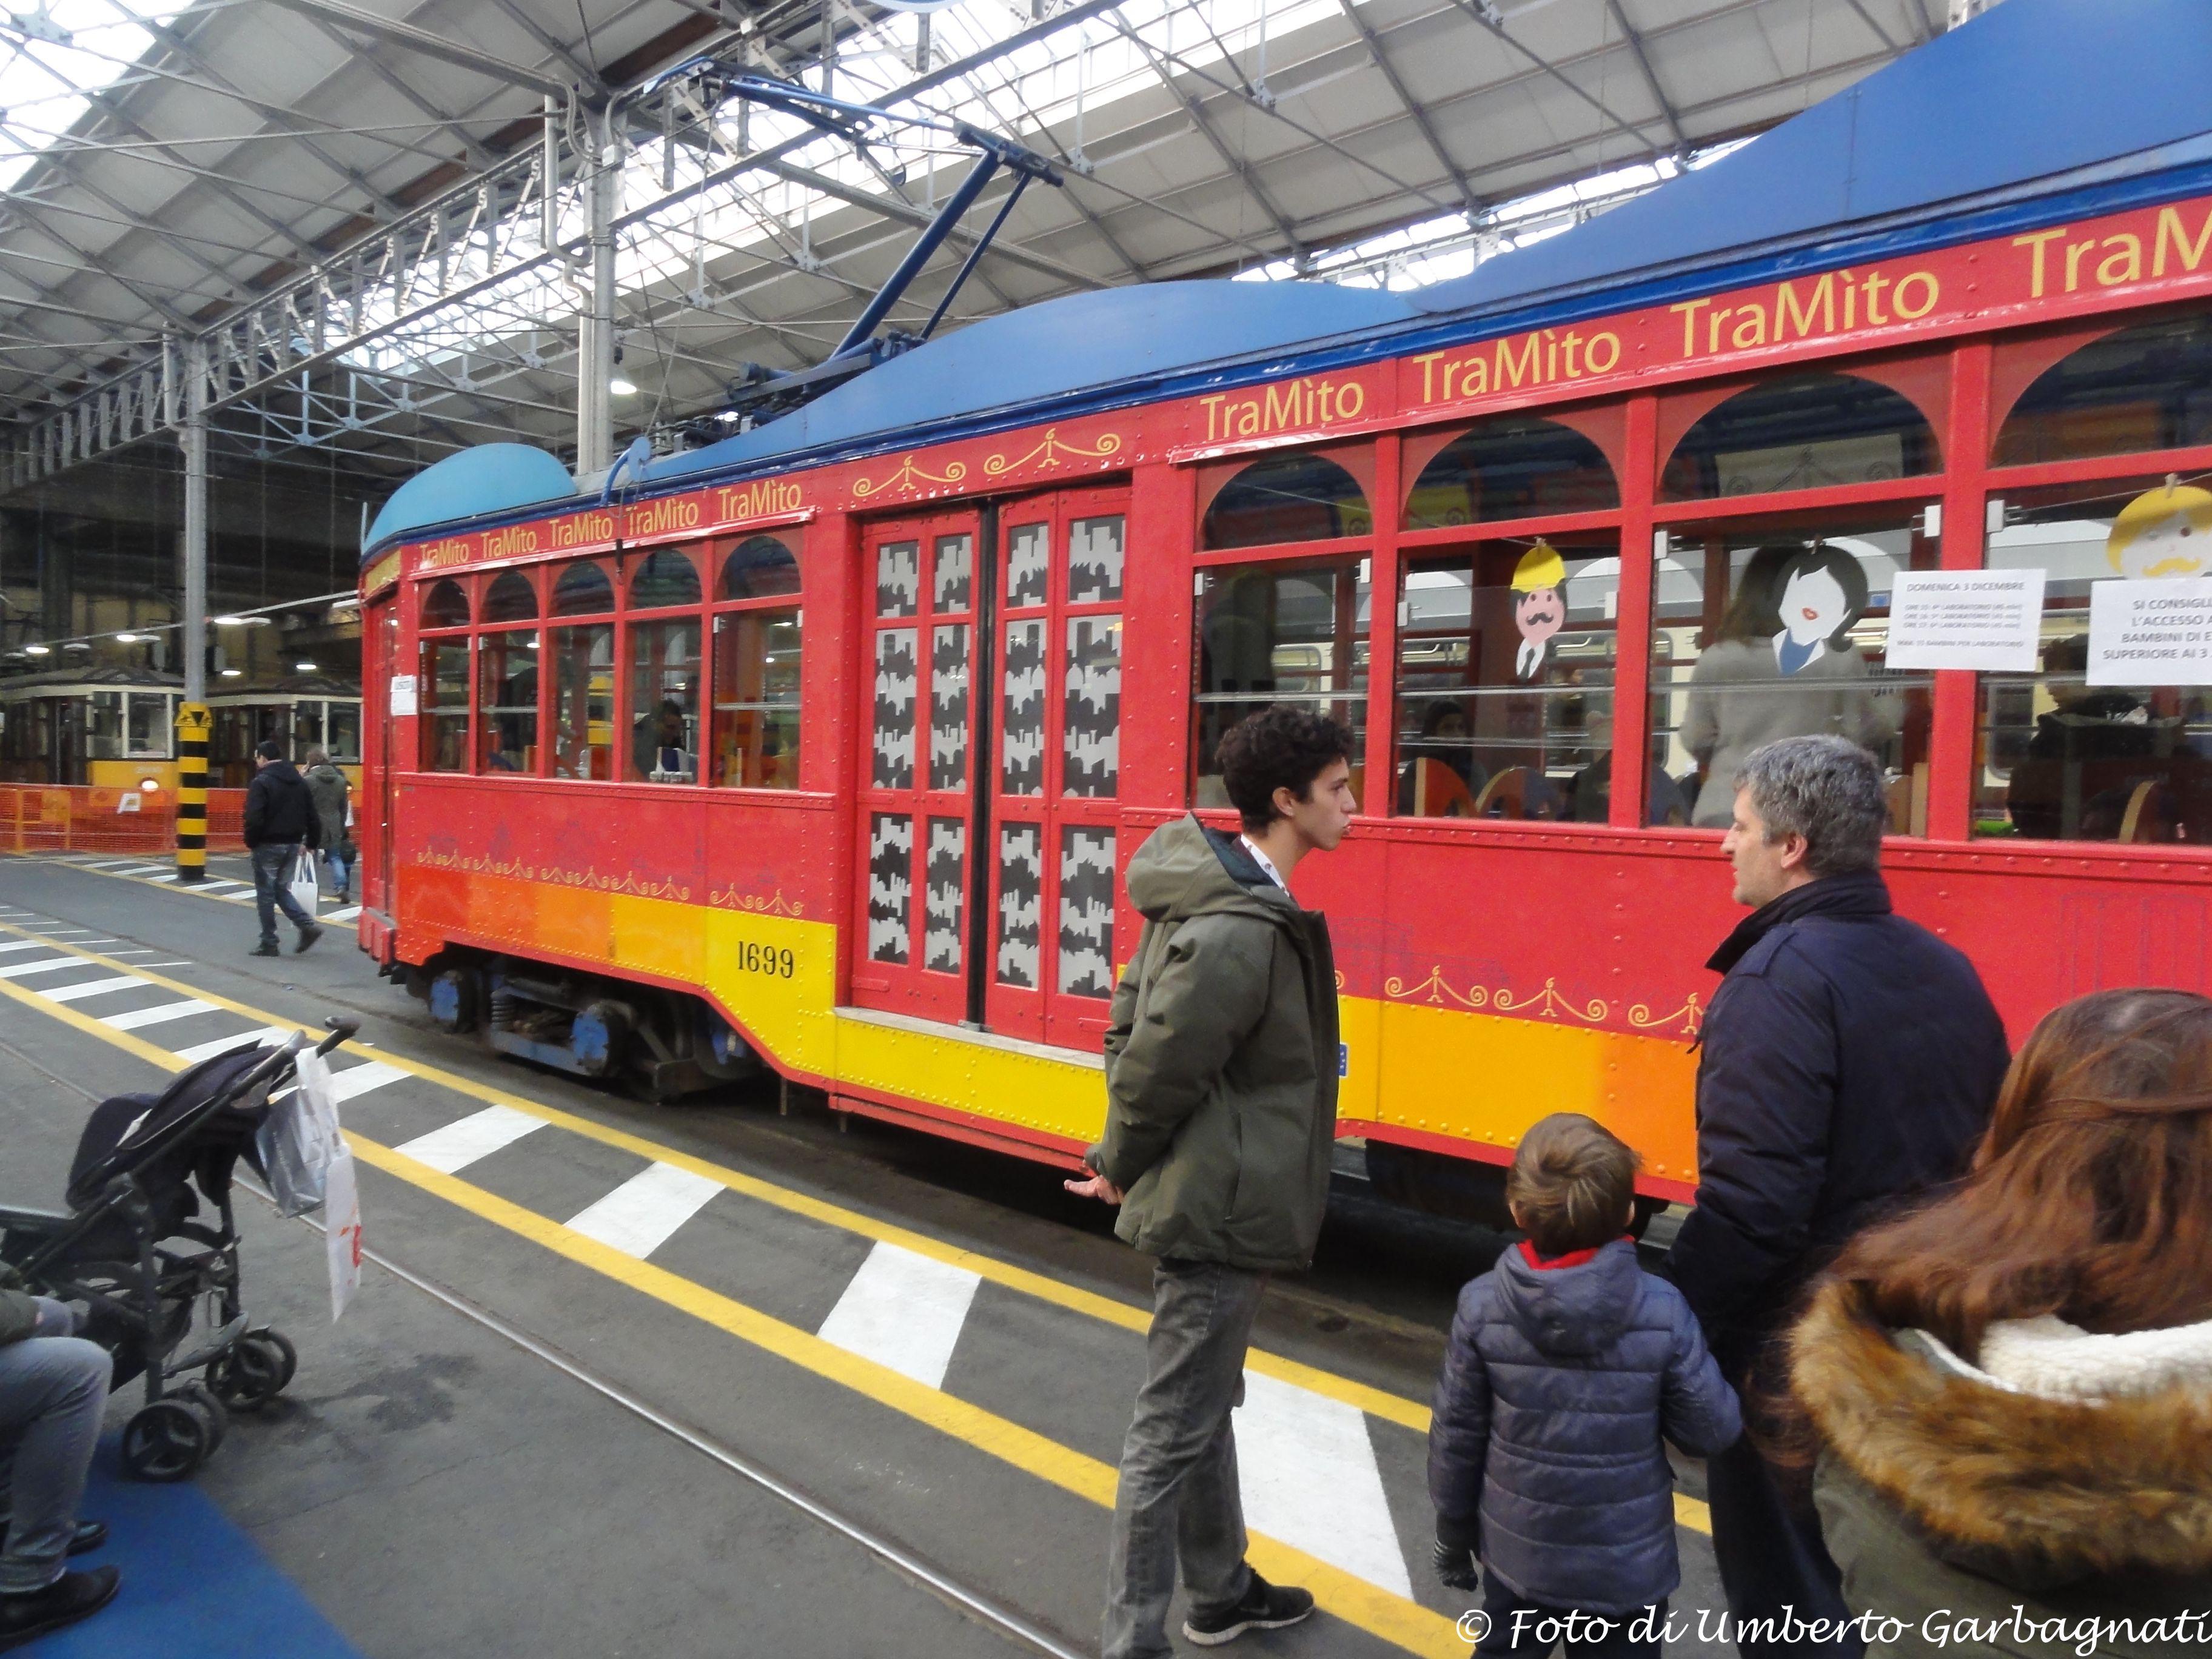 vettura ATM-1699 TraMito (scuolaintram) - deposito Messina - MILANO ...